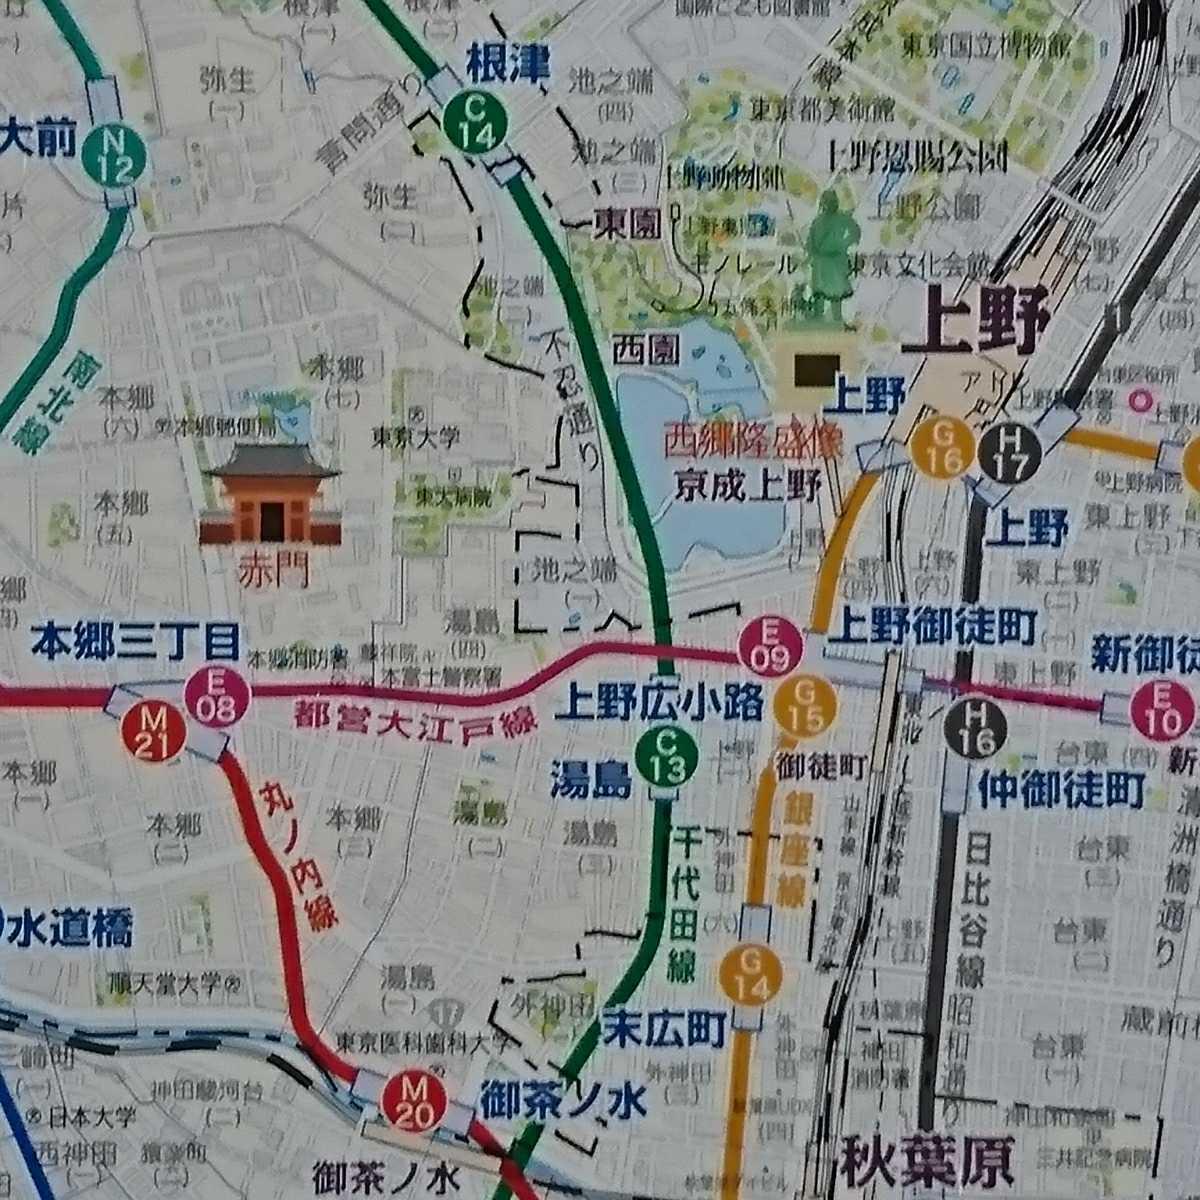 ぶよお堂 ポスタータイプカレンダー 東京地下鉄ネットワーク 2018年 ポスター カレンダー_画像7